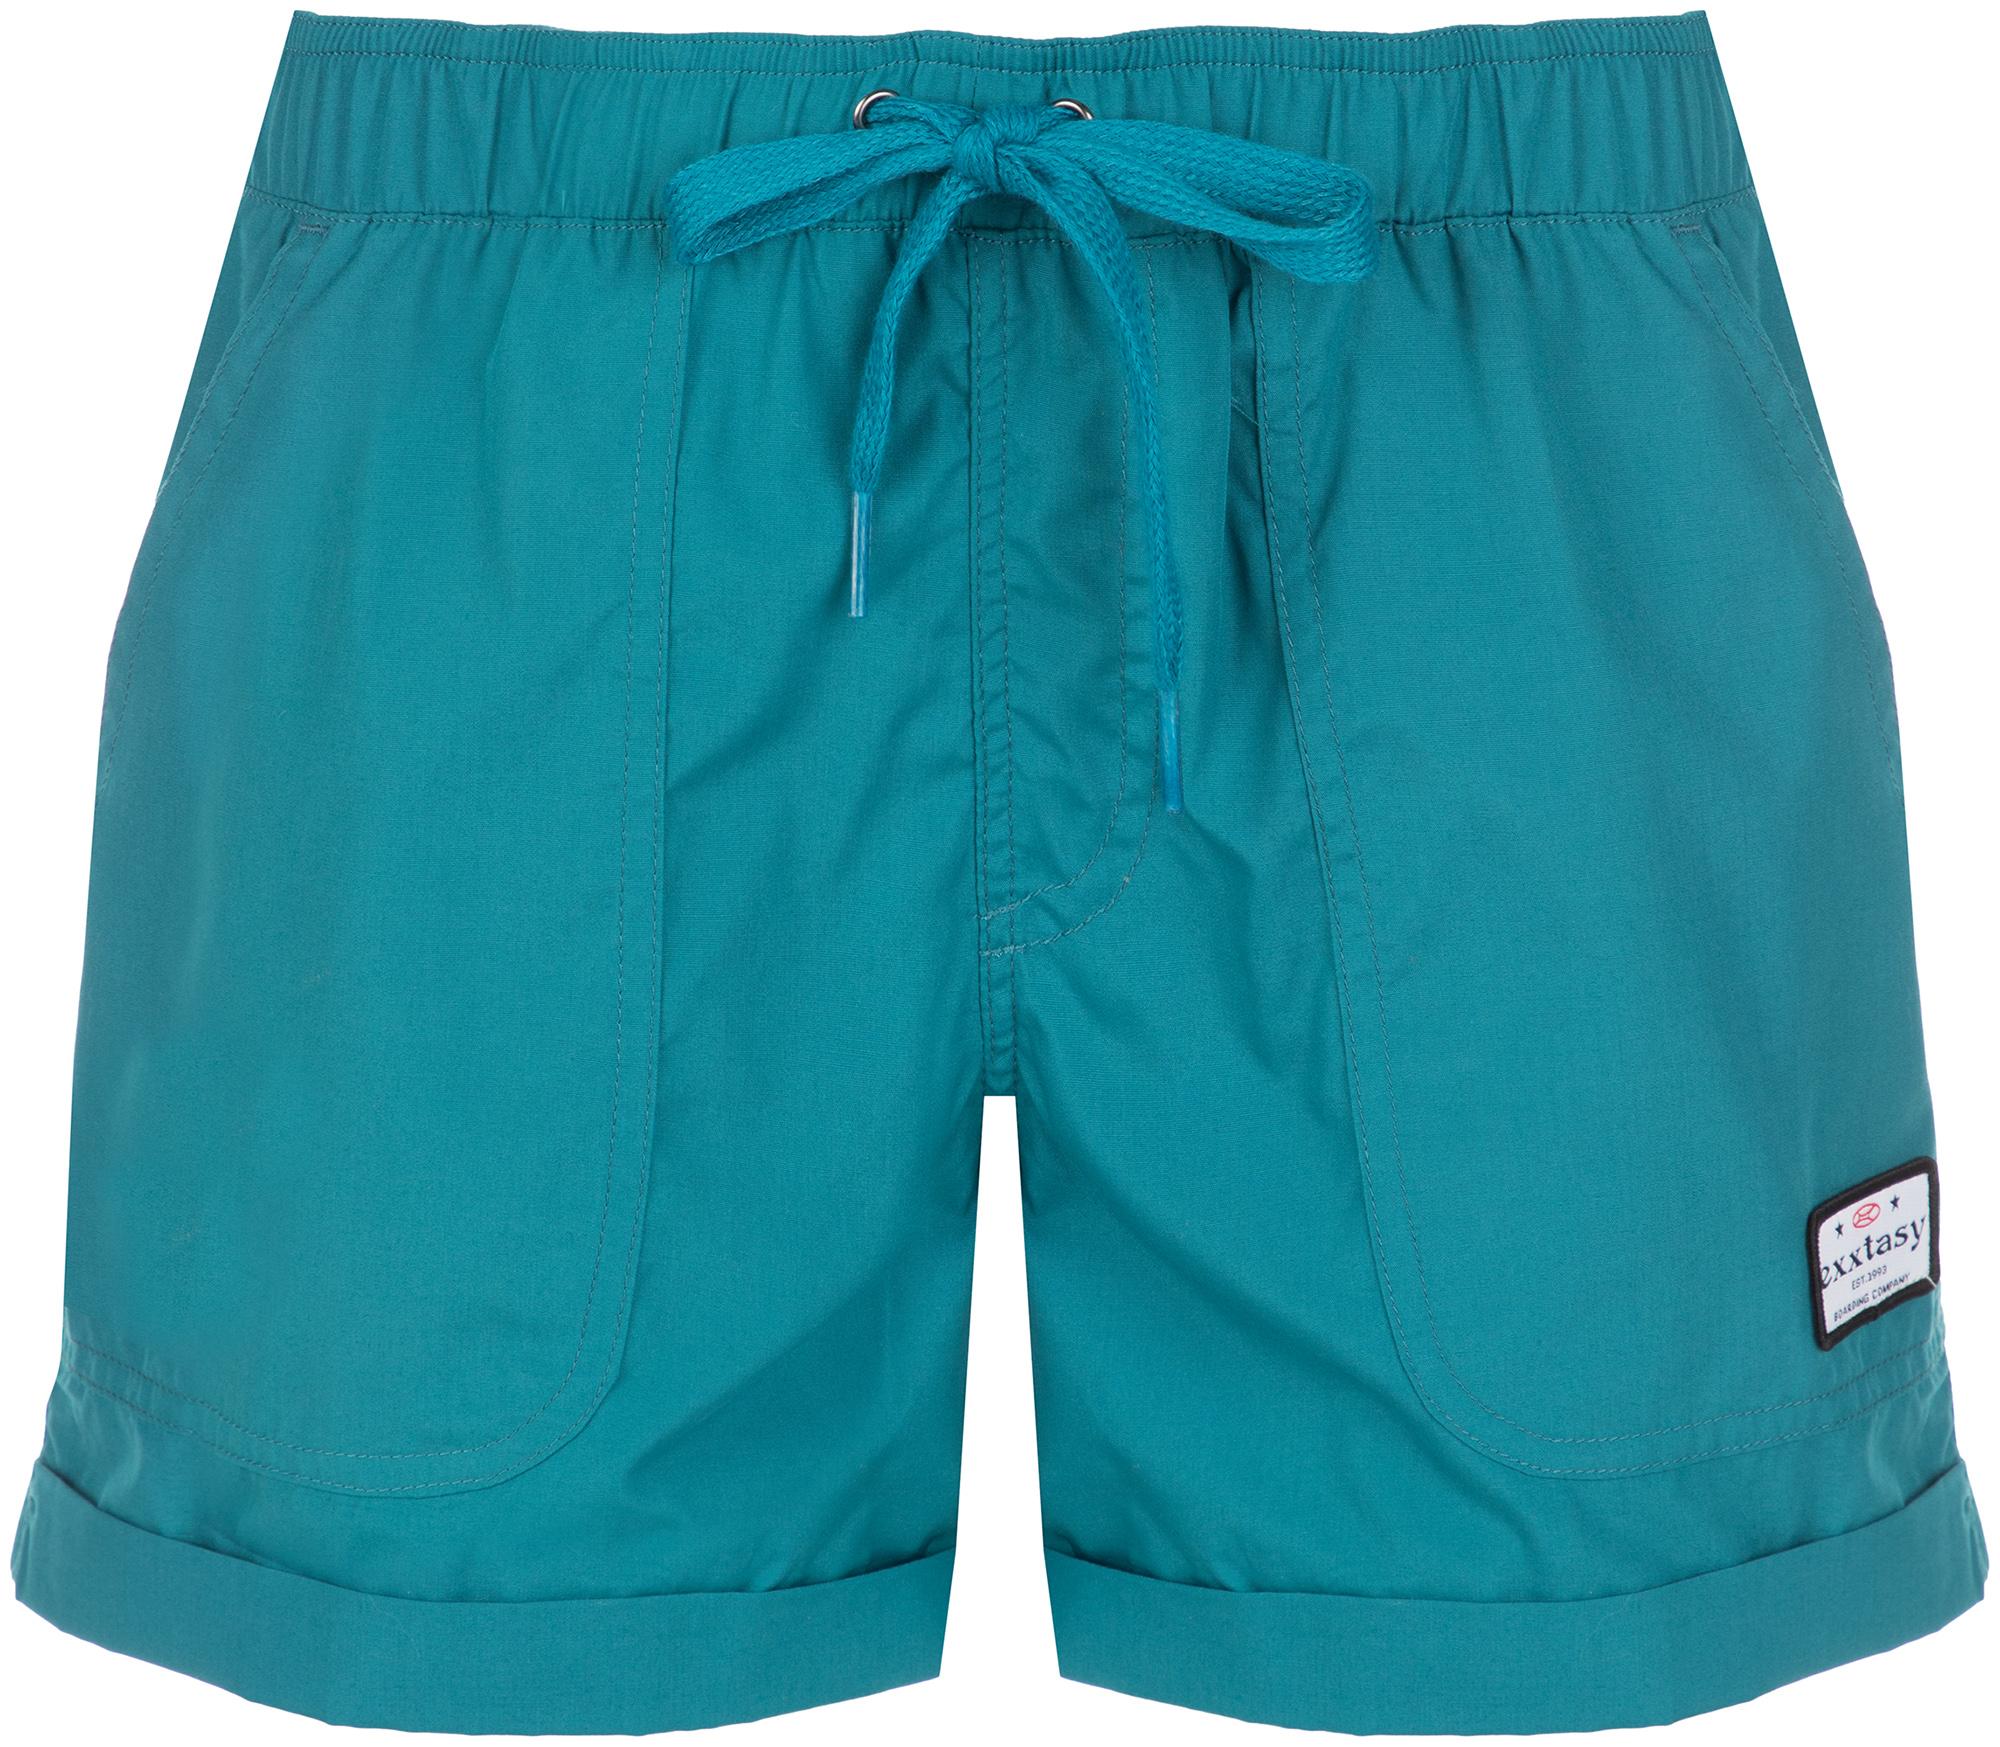 Exxtasy Шорты женские Exxtasy Frinton, размер 48 exxtasy шорты пляжные мужские exxtasy tracy размер 54 56